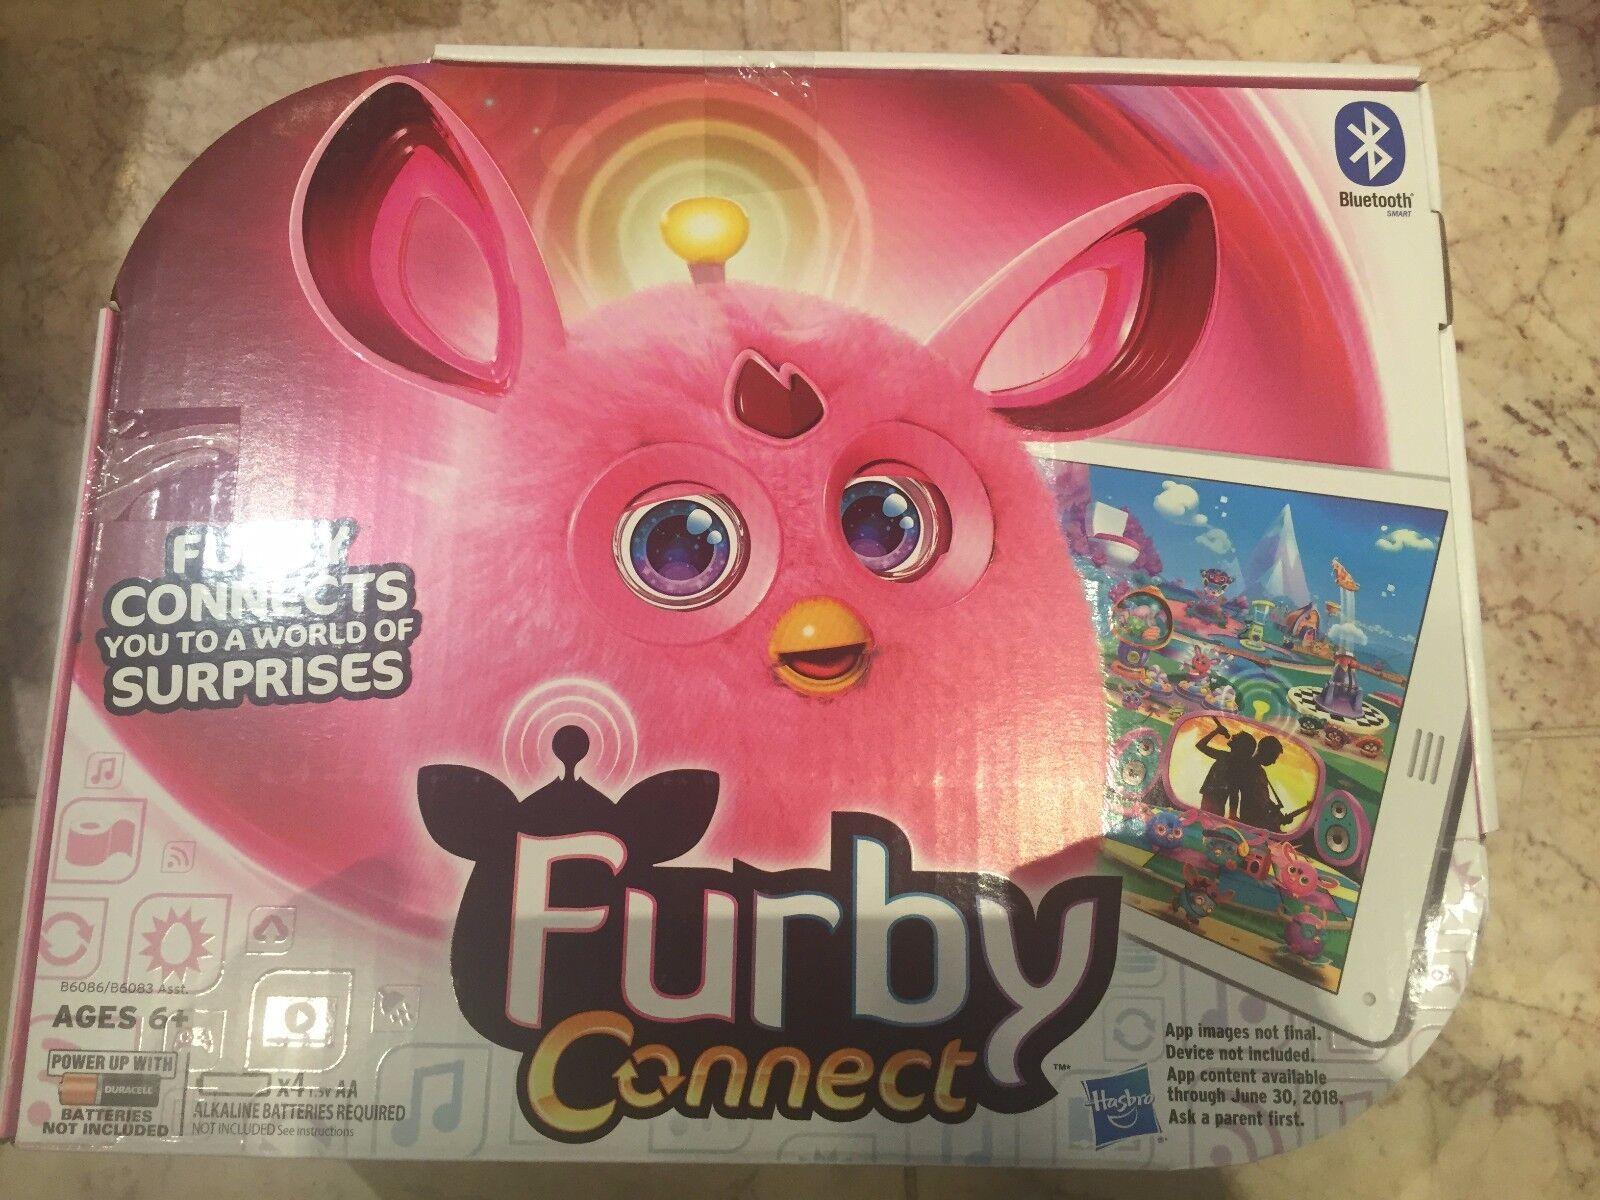 Le rythme cardiaque est pire pire pire que l'action! Furby Connecte Exclusif Démarrage Hasbro Bluetooth Rose b3afe7